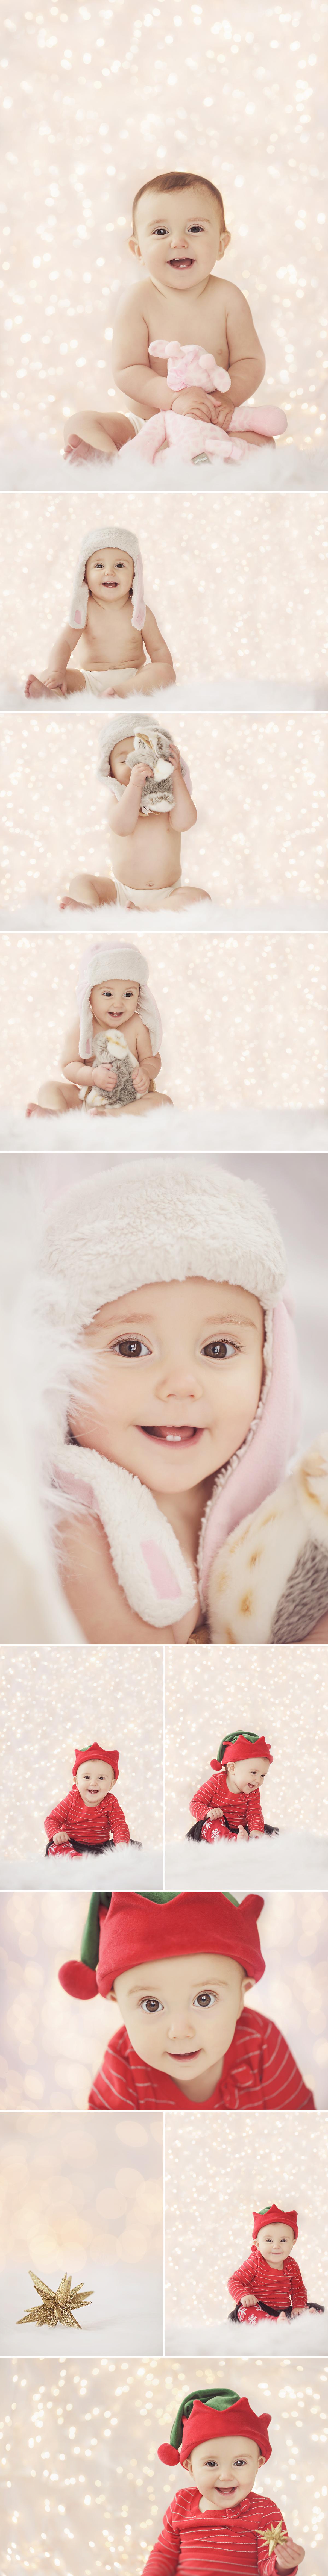 Naomi Snowflake Christmas